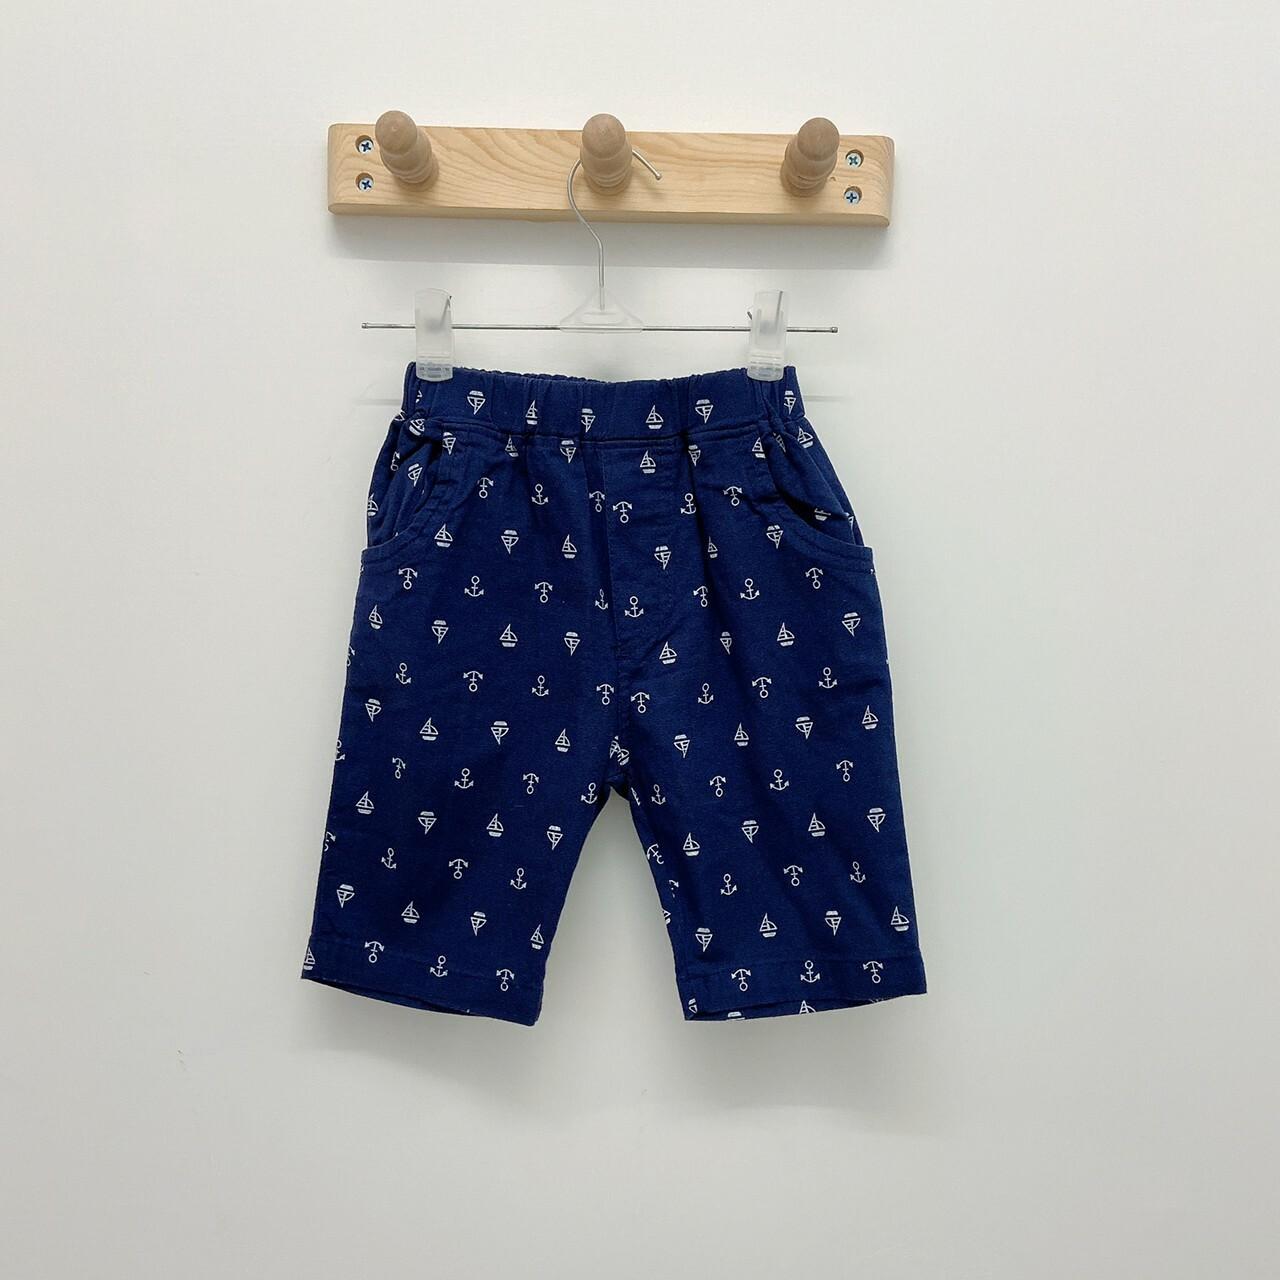 褲裙短 五~七分褲_210803_19.jpg